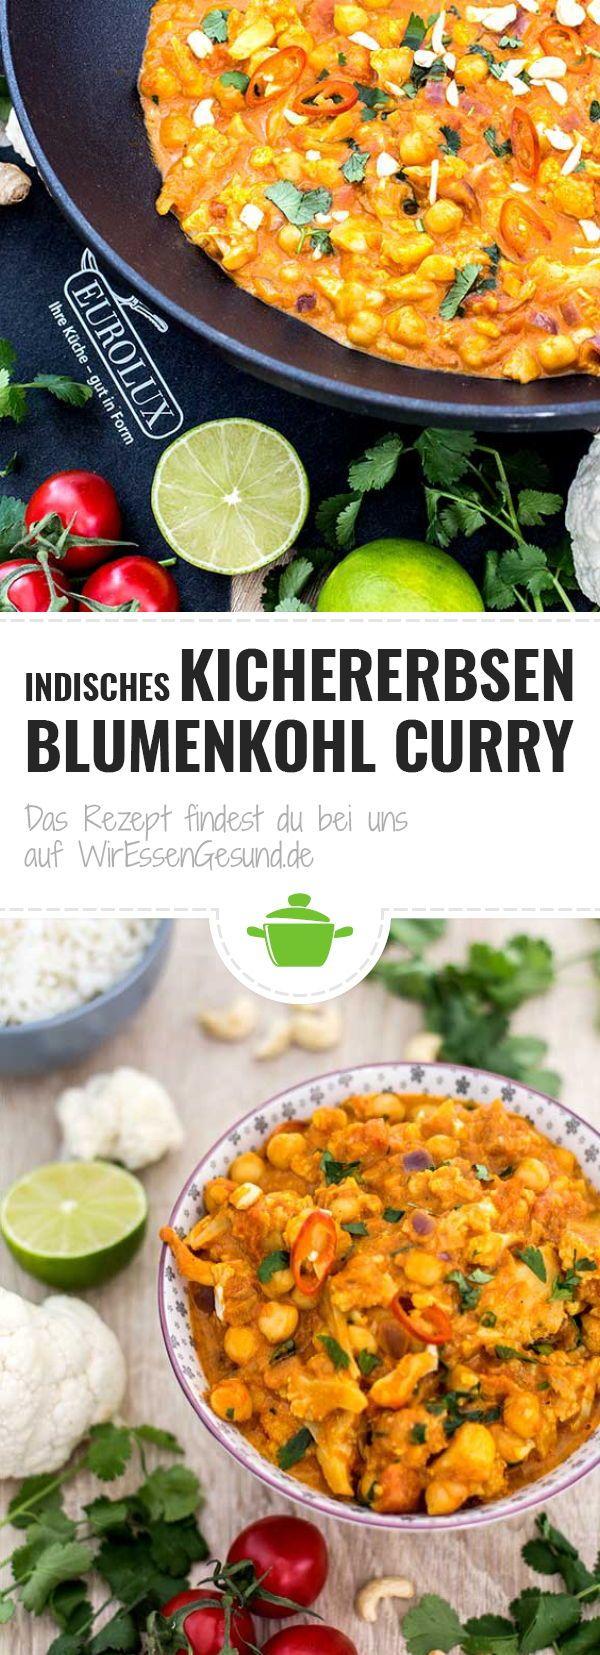 Photo of Indian chickpea cauliflower curry – WirEssenGesund